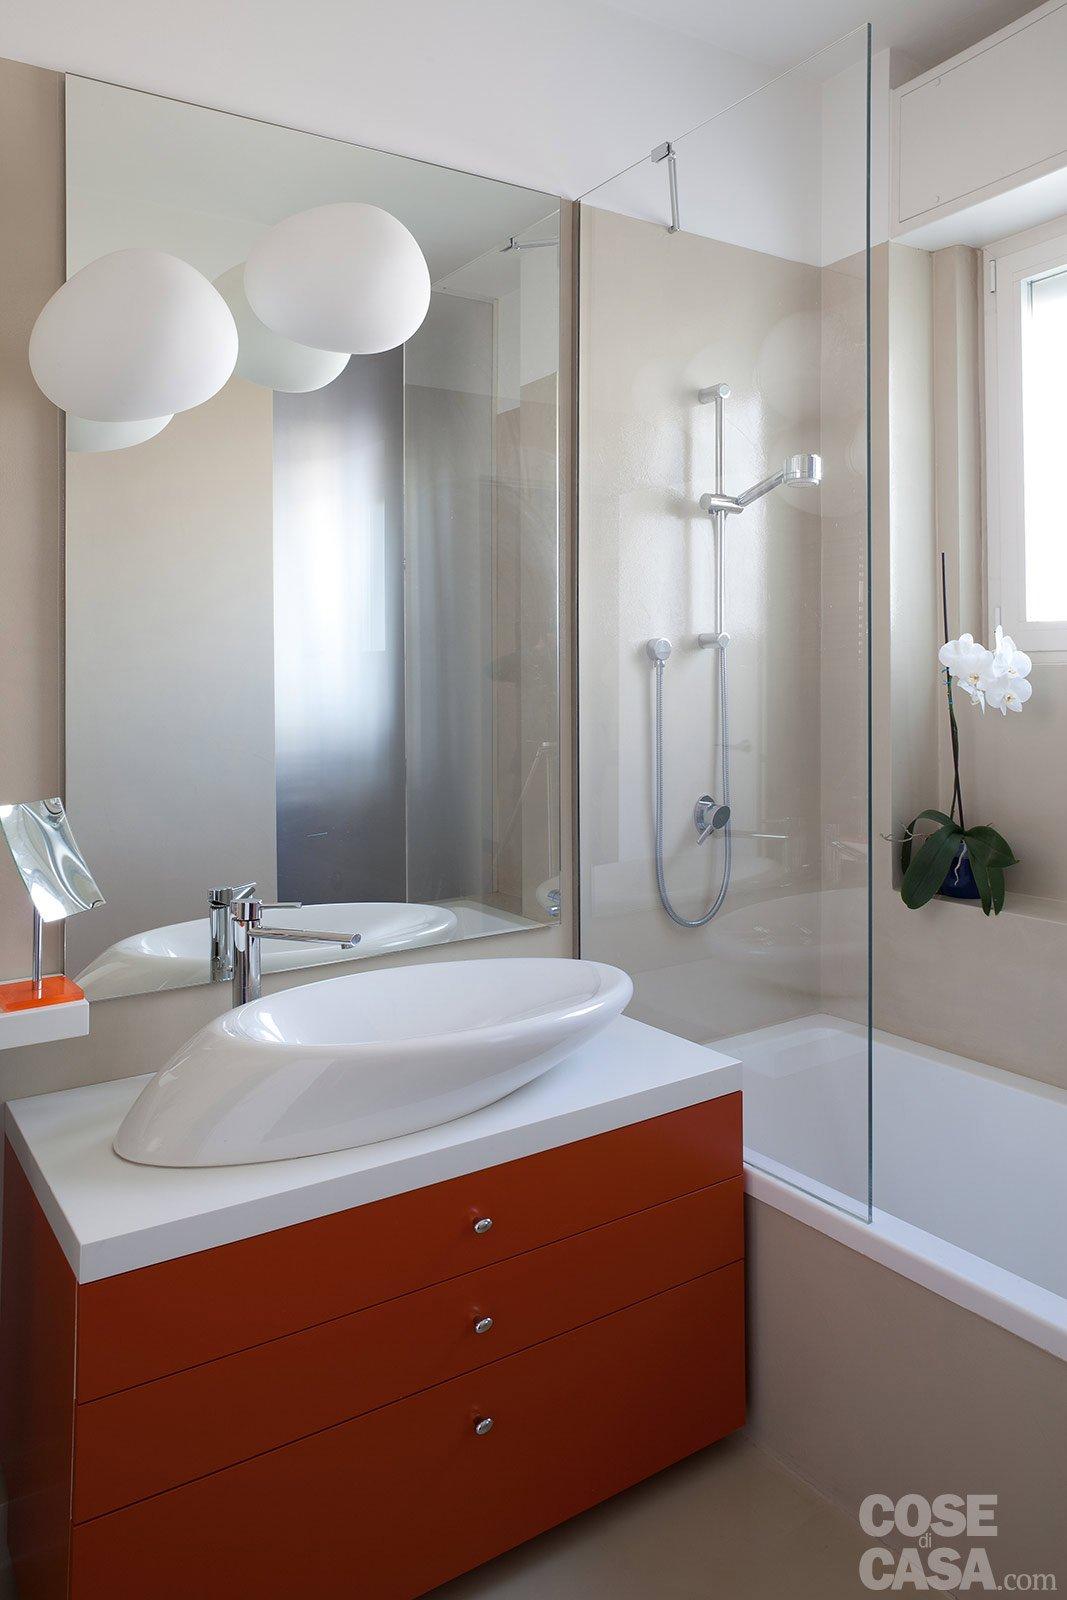 Ambienti contemporanei per una casa di taglio tradizionale - Controsoffitto bagno ...